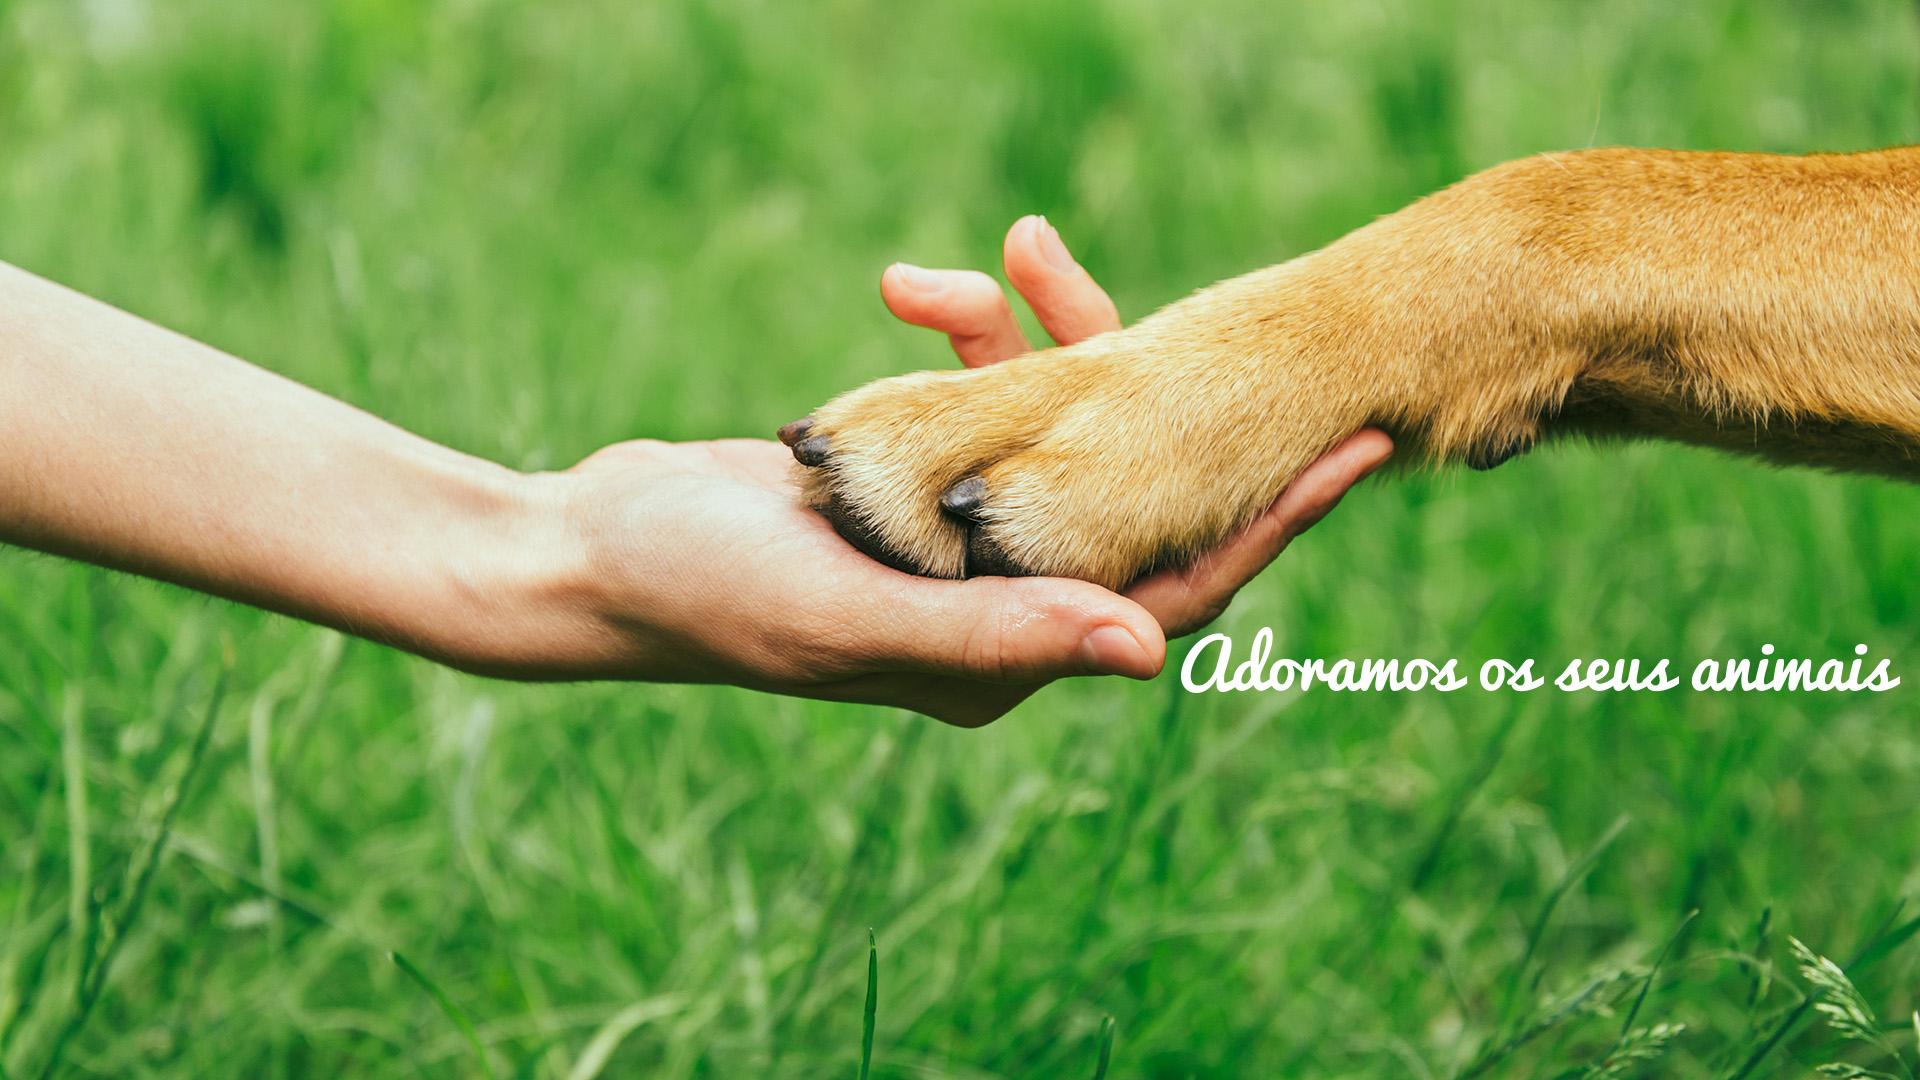 adoramos-seus-animais-01